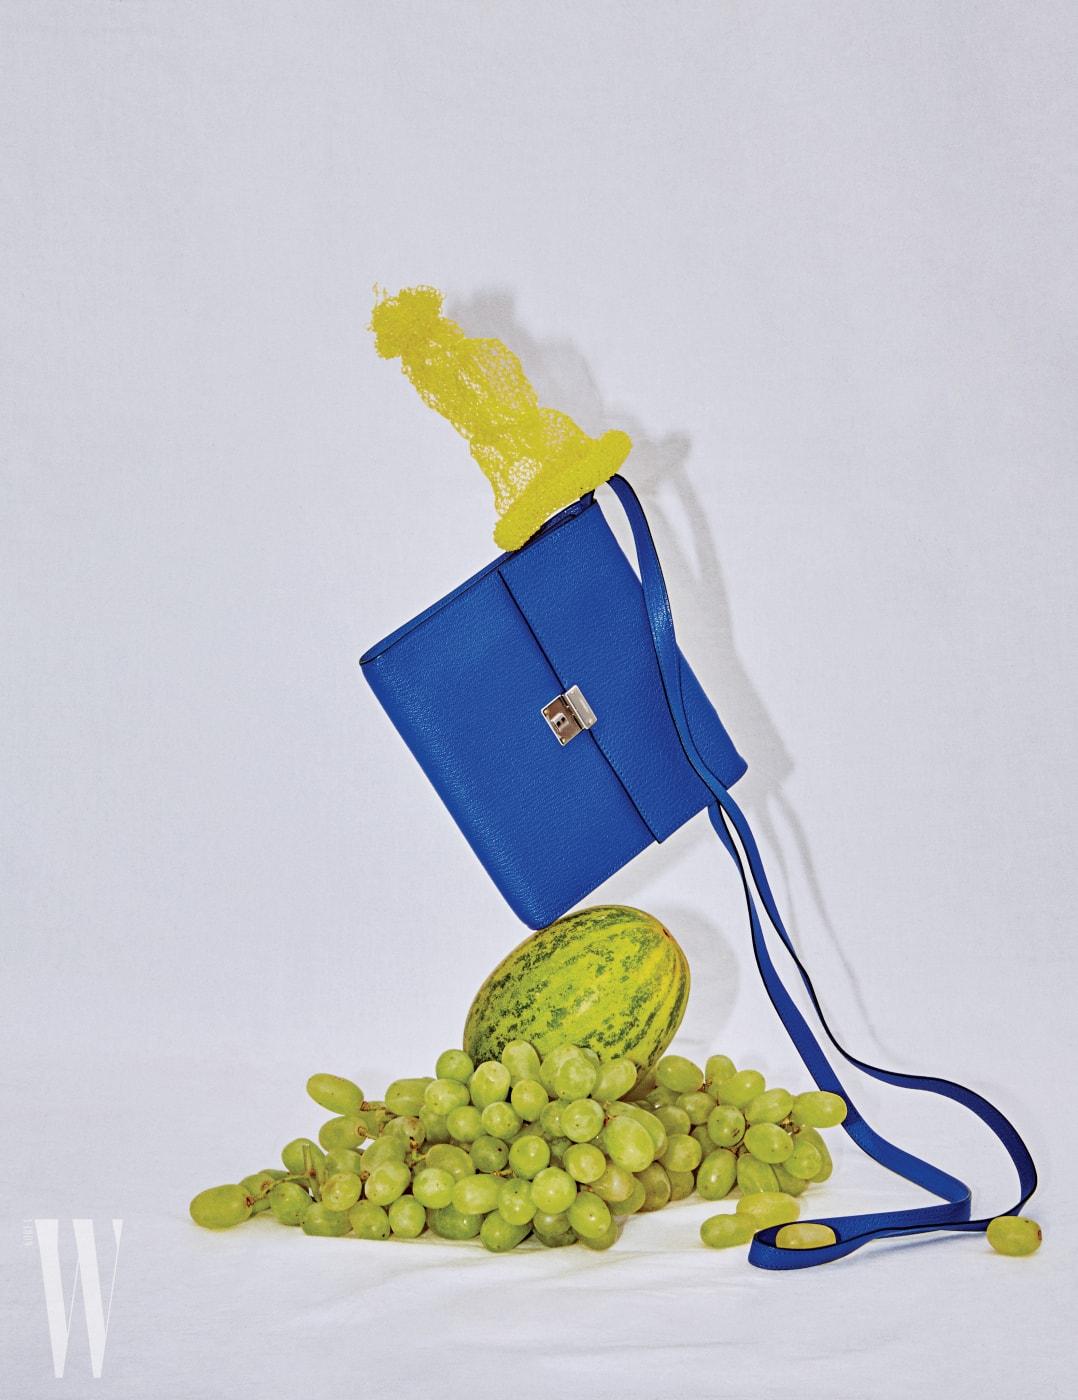 송아지 가죽 소재에 청량감 넘치는 파란색이 인상적인 아주 작은 가방으로 간편한 외출에 제격이다. 에르메스 제품. 가격 미정.